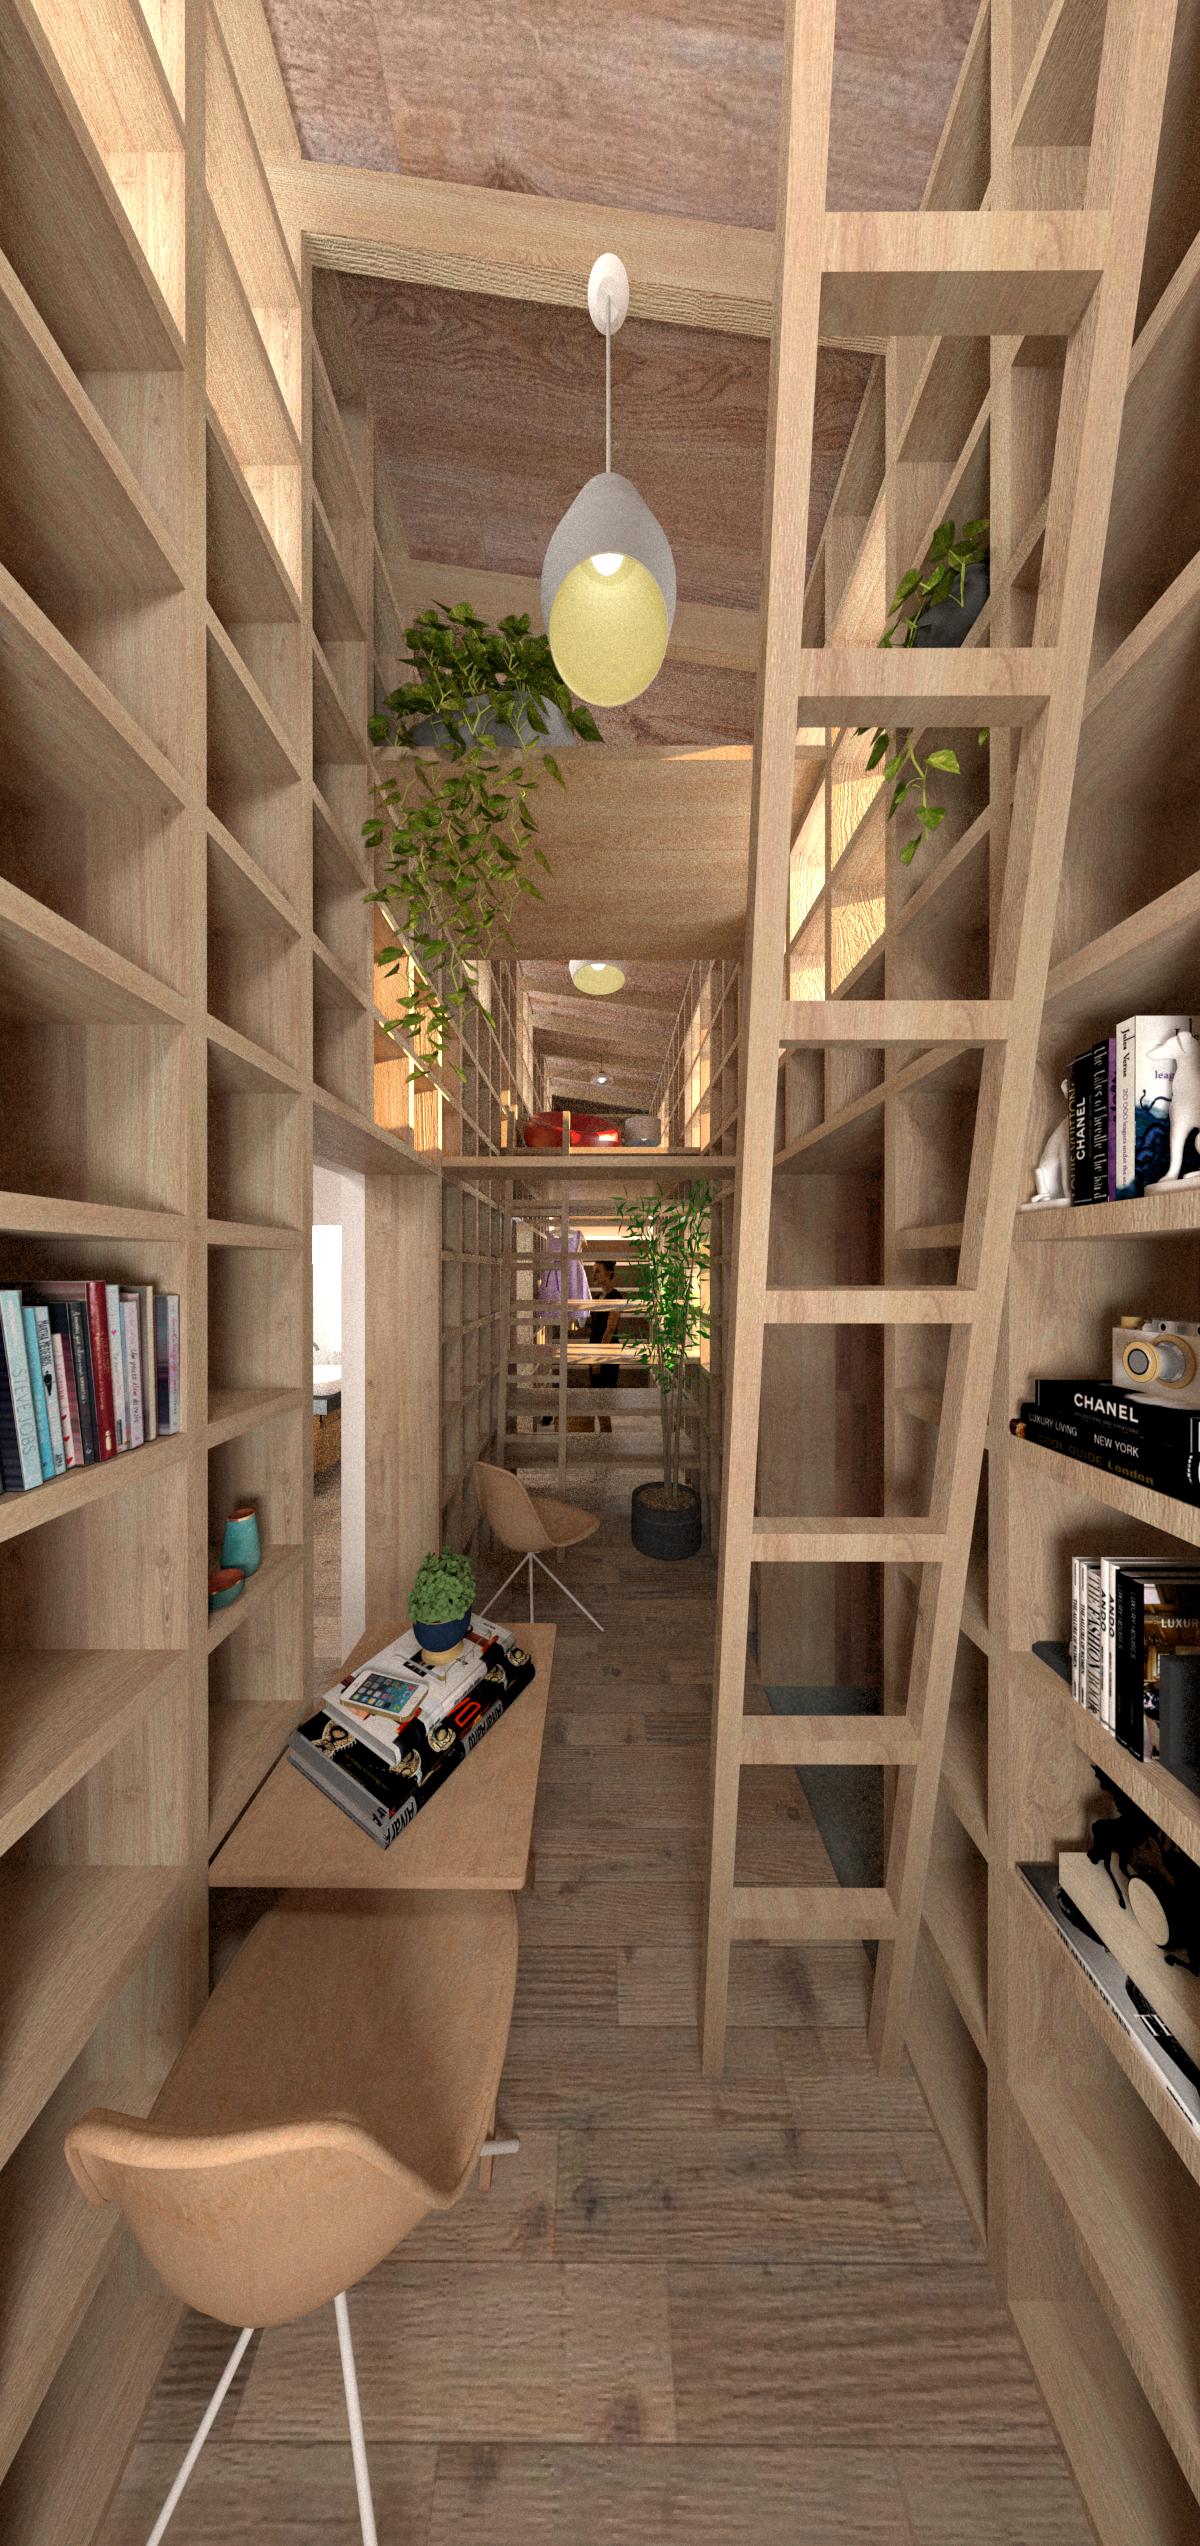 可動棚に住まうタイニーハウスの建築事例写真